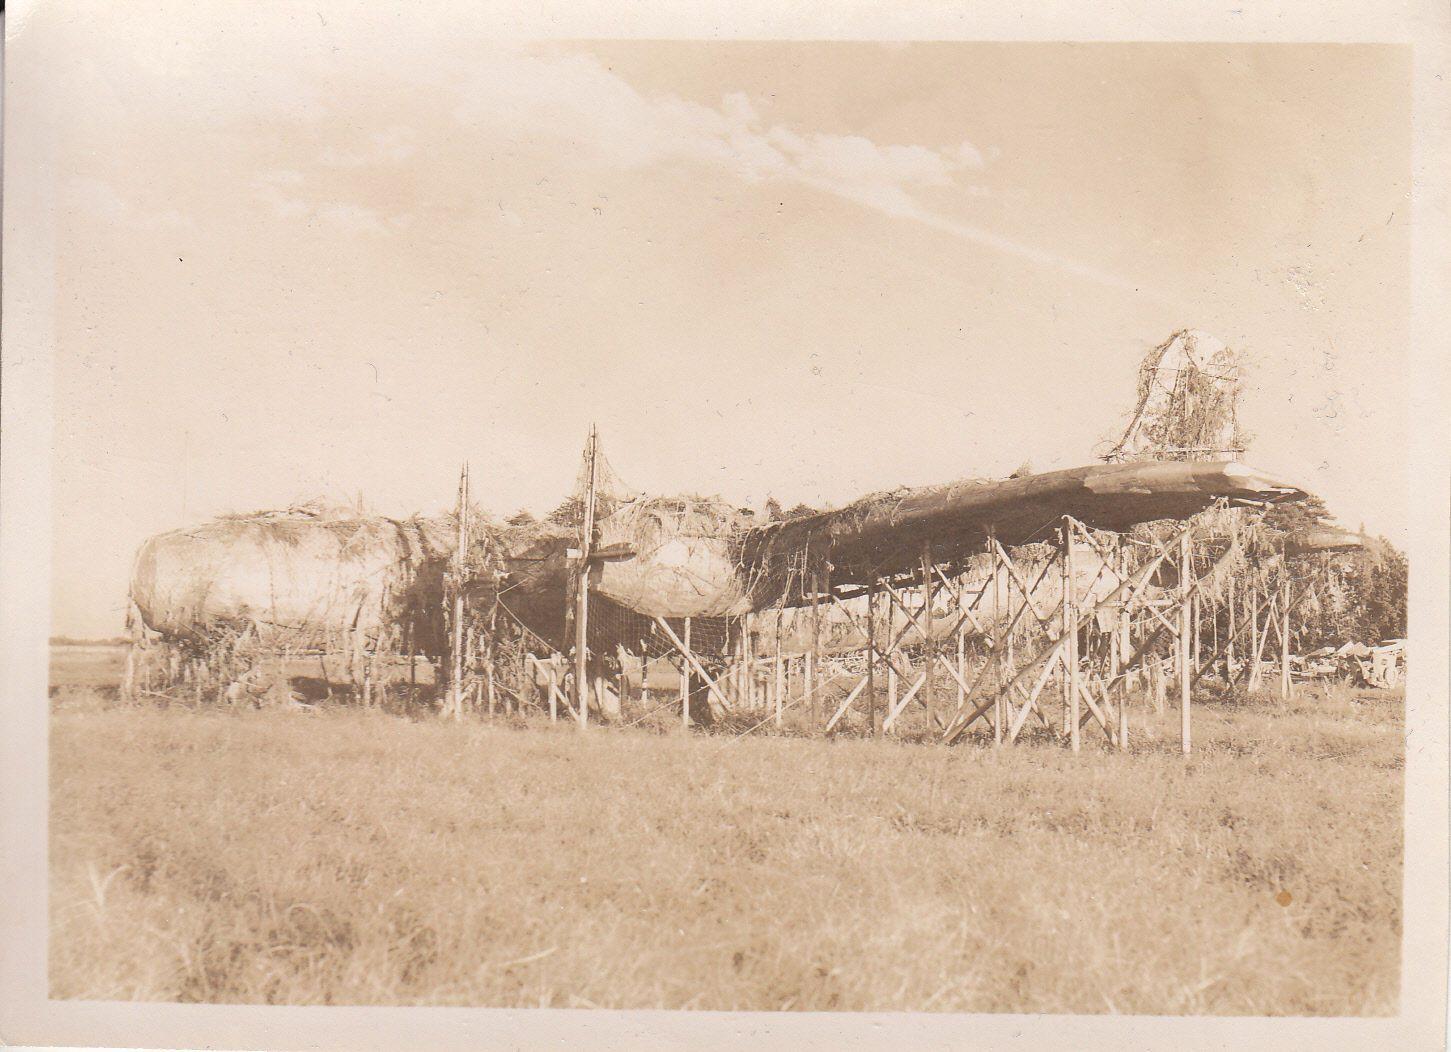 b29_10_DUMMY TINIAN 1944.JPG